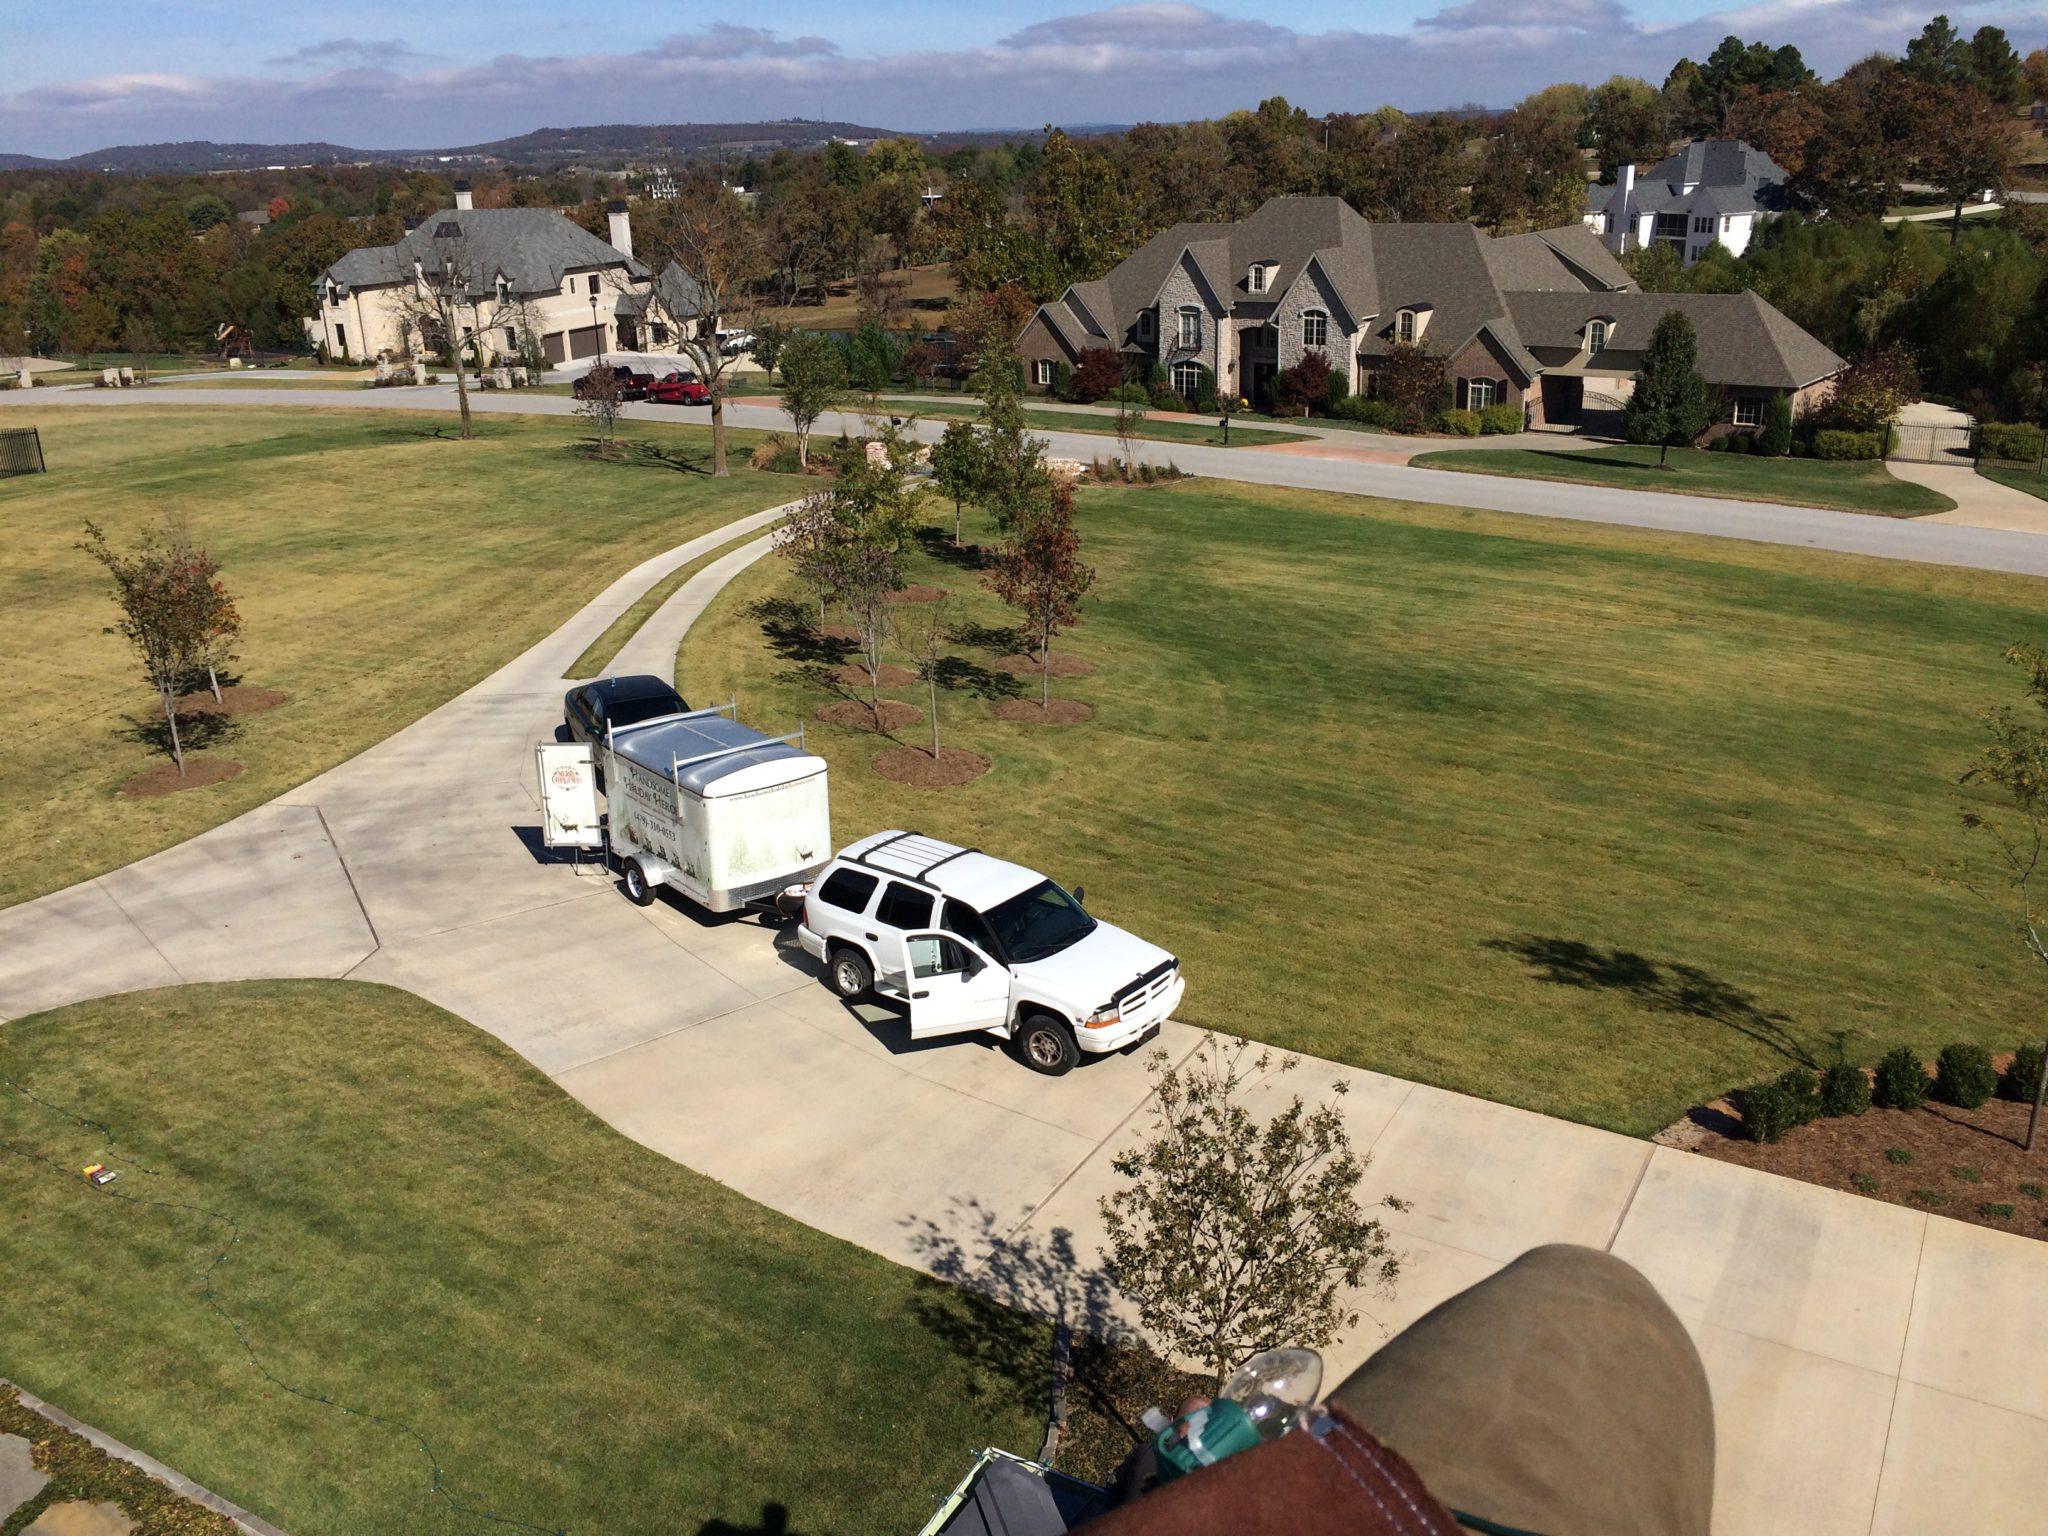 Christmas light installer truck and trailer in Northwest Arkansas